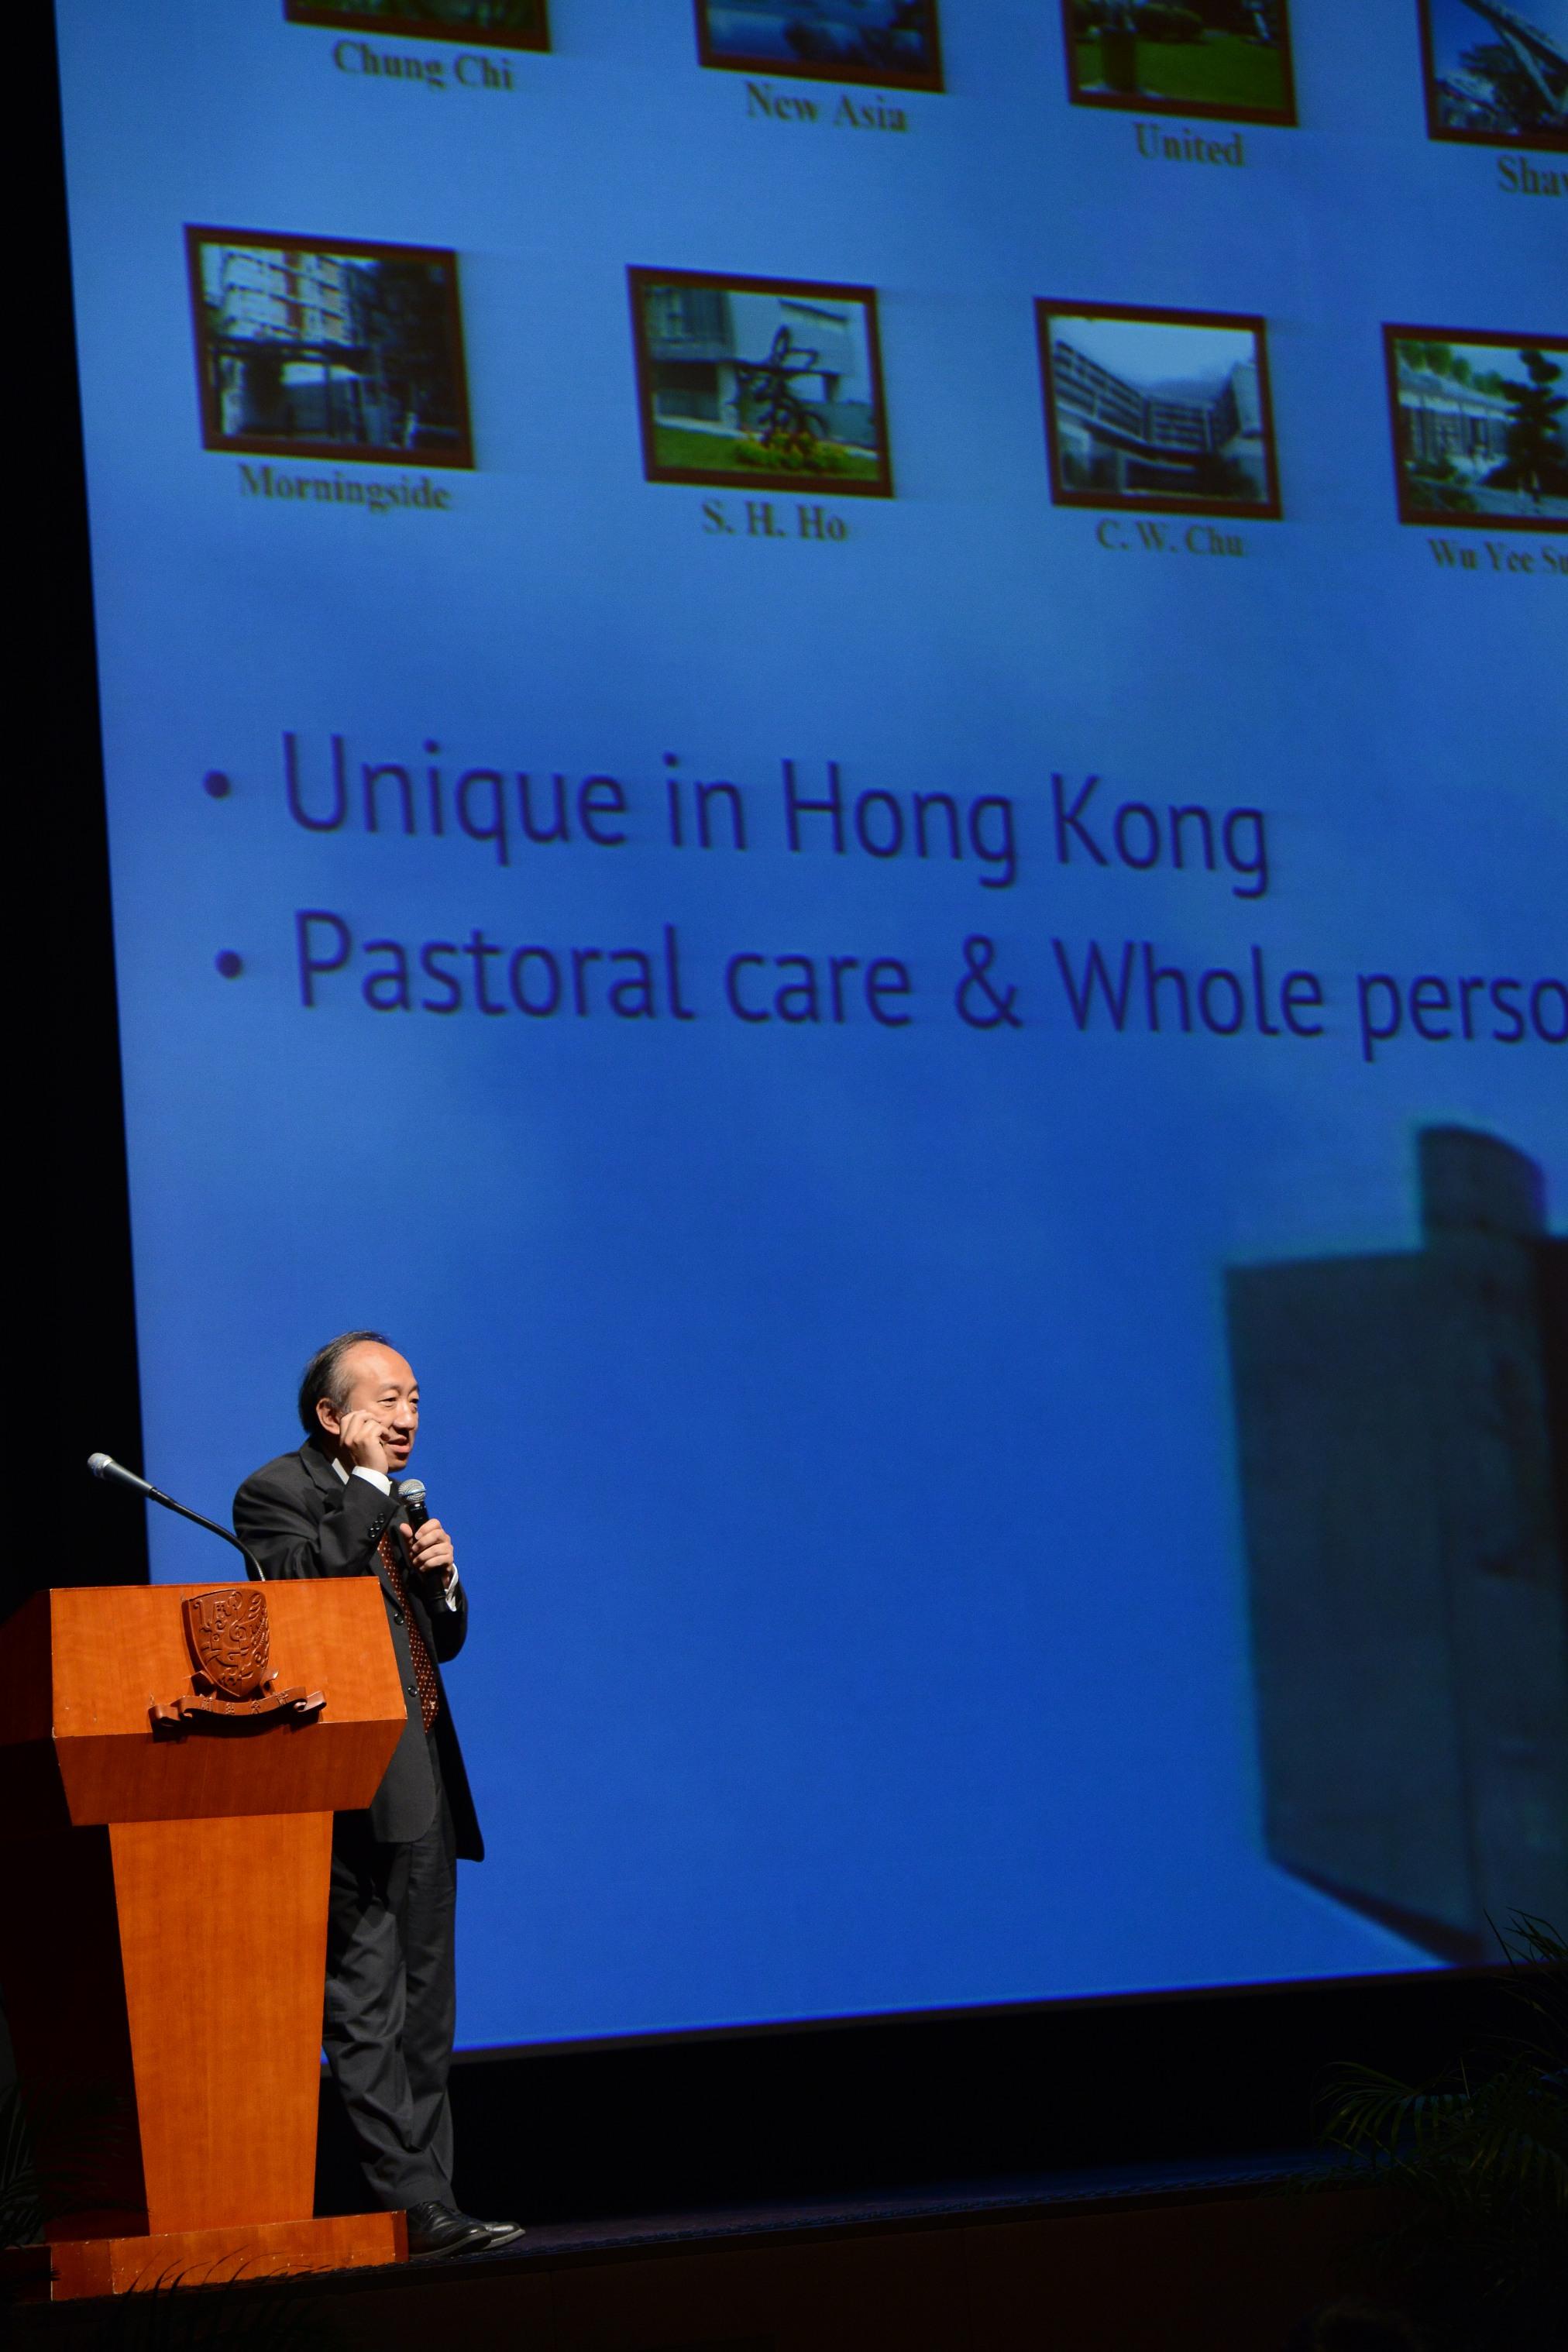 中大副校長侯傑泰教授介紹中大的書院特色及四年制本科課程。